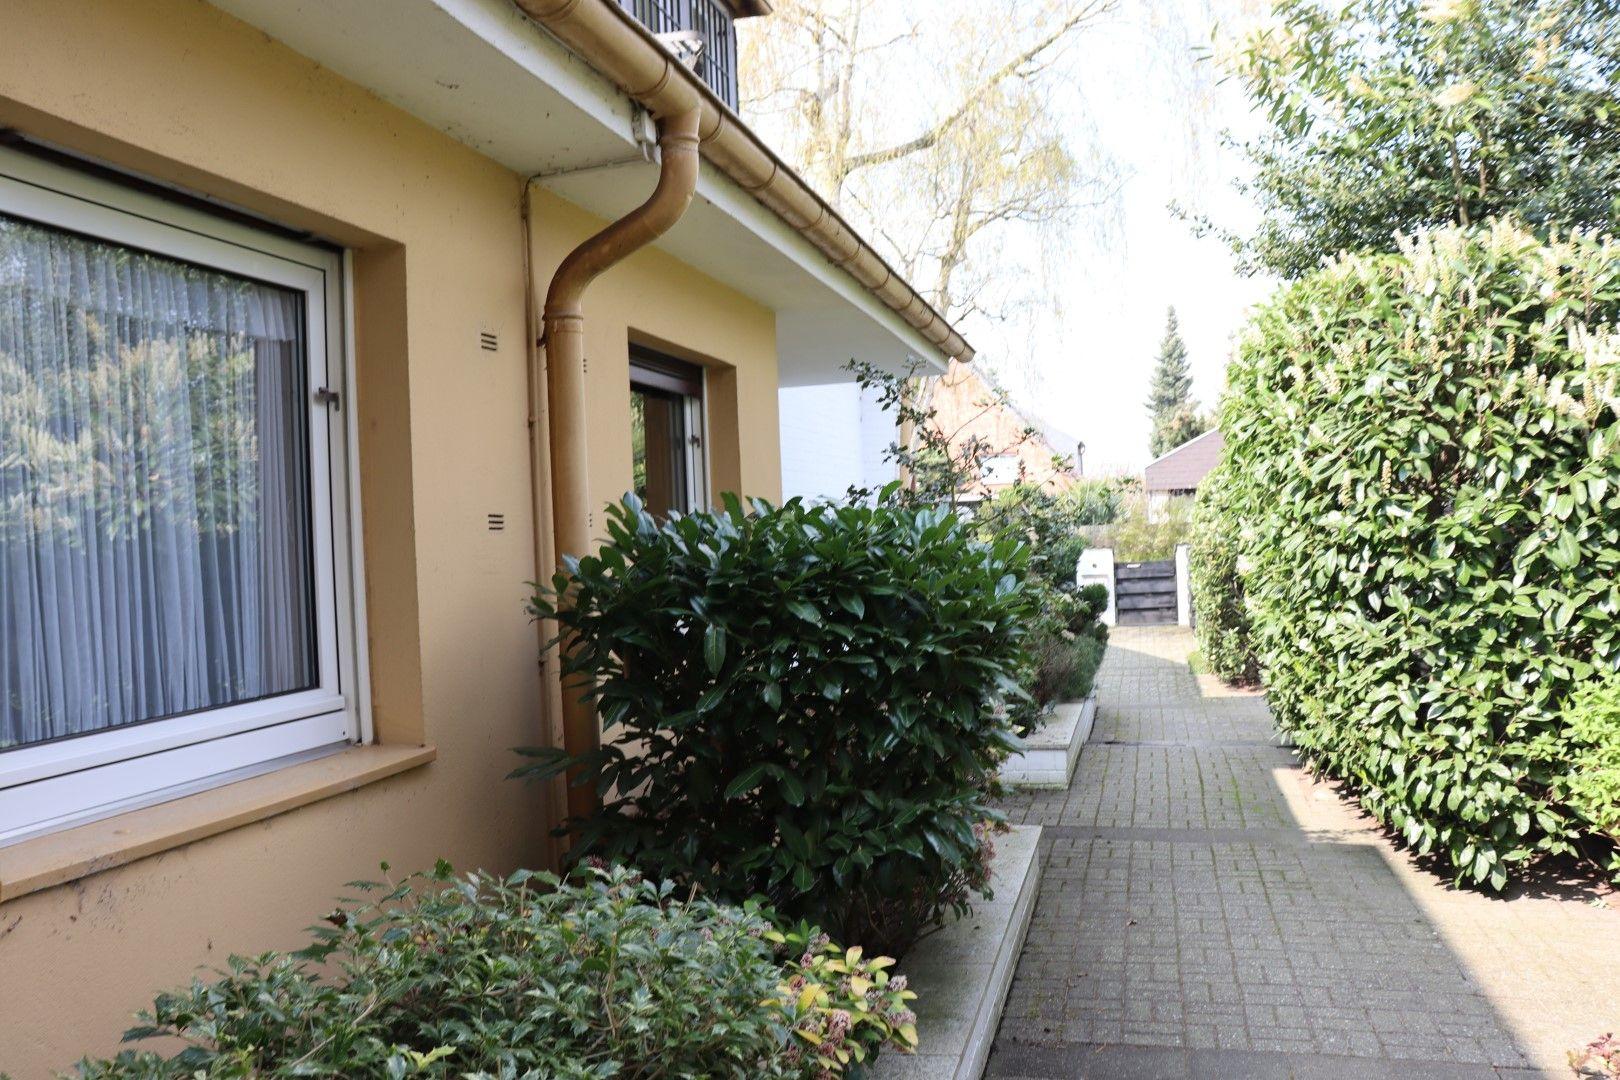 Immobilie Nr.0296 - Grundstück mit 2 DHH und 2 Garagen  - Bild 6.jpg